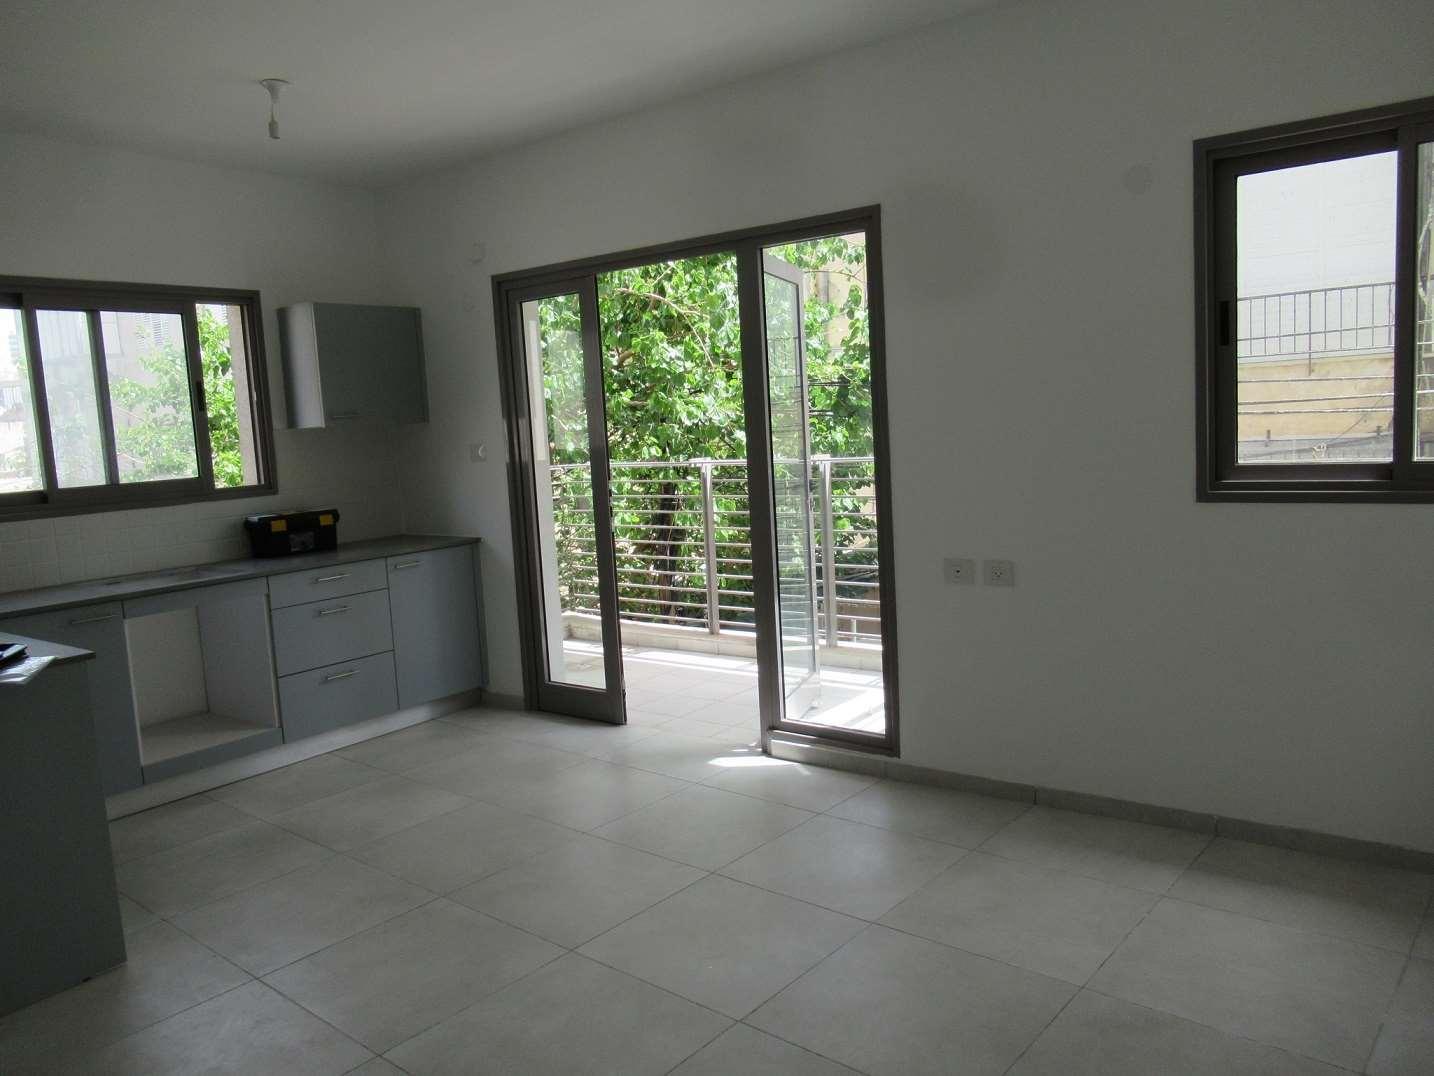 תמונה 4 ,דירה 2.5 חדרים הגדוד העברי נווה שאנן תל אביב יפו